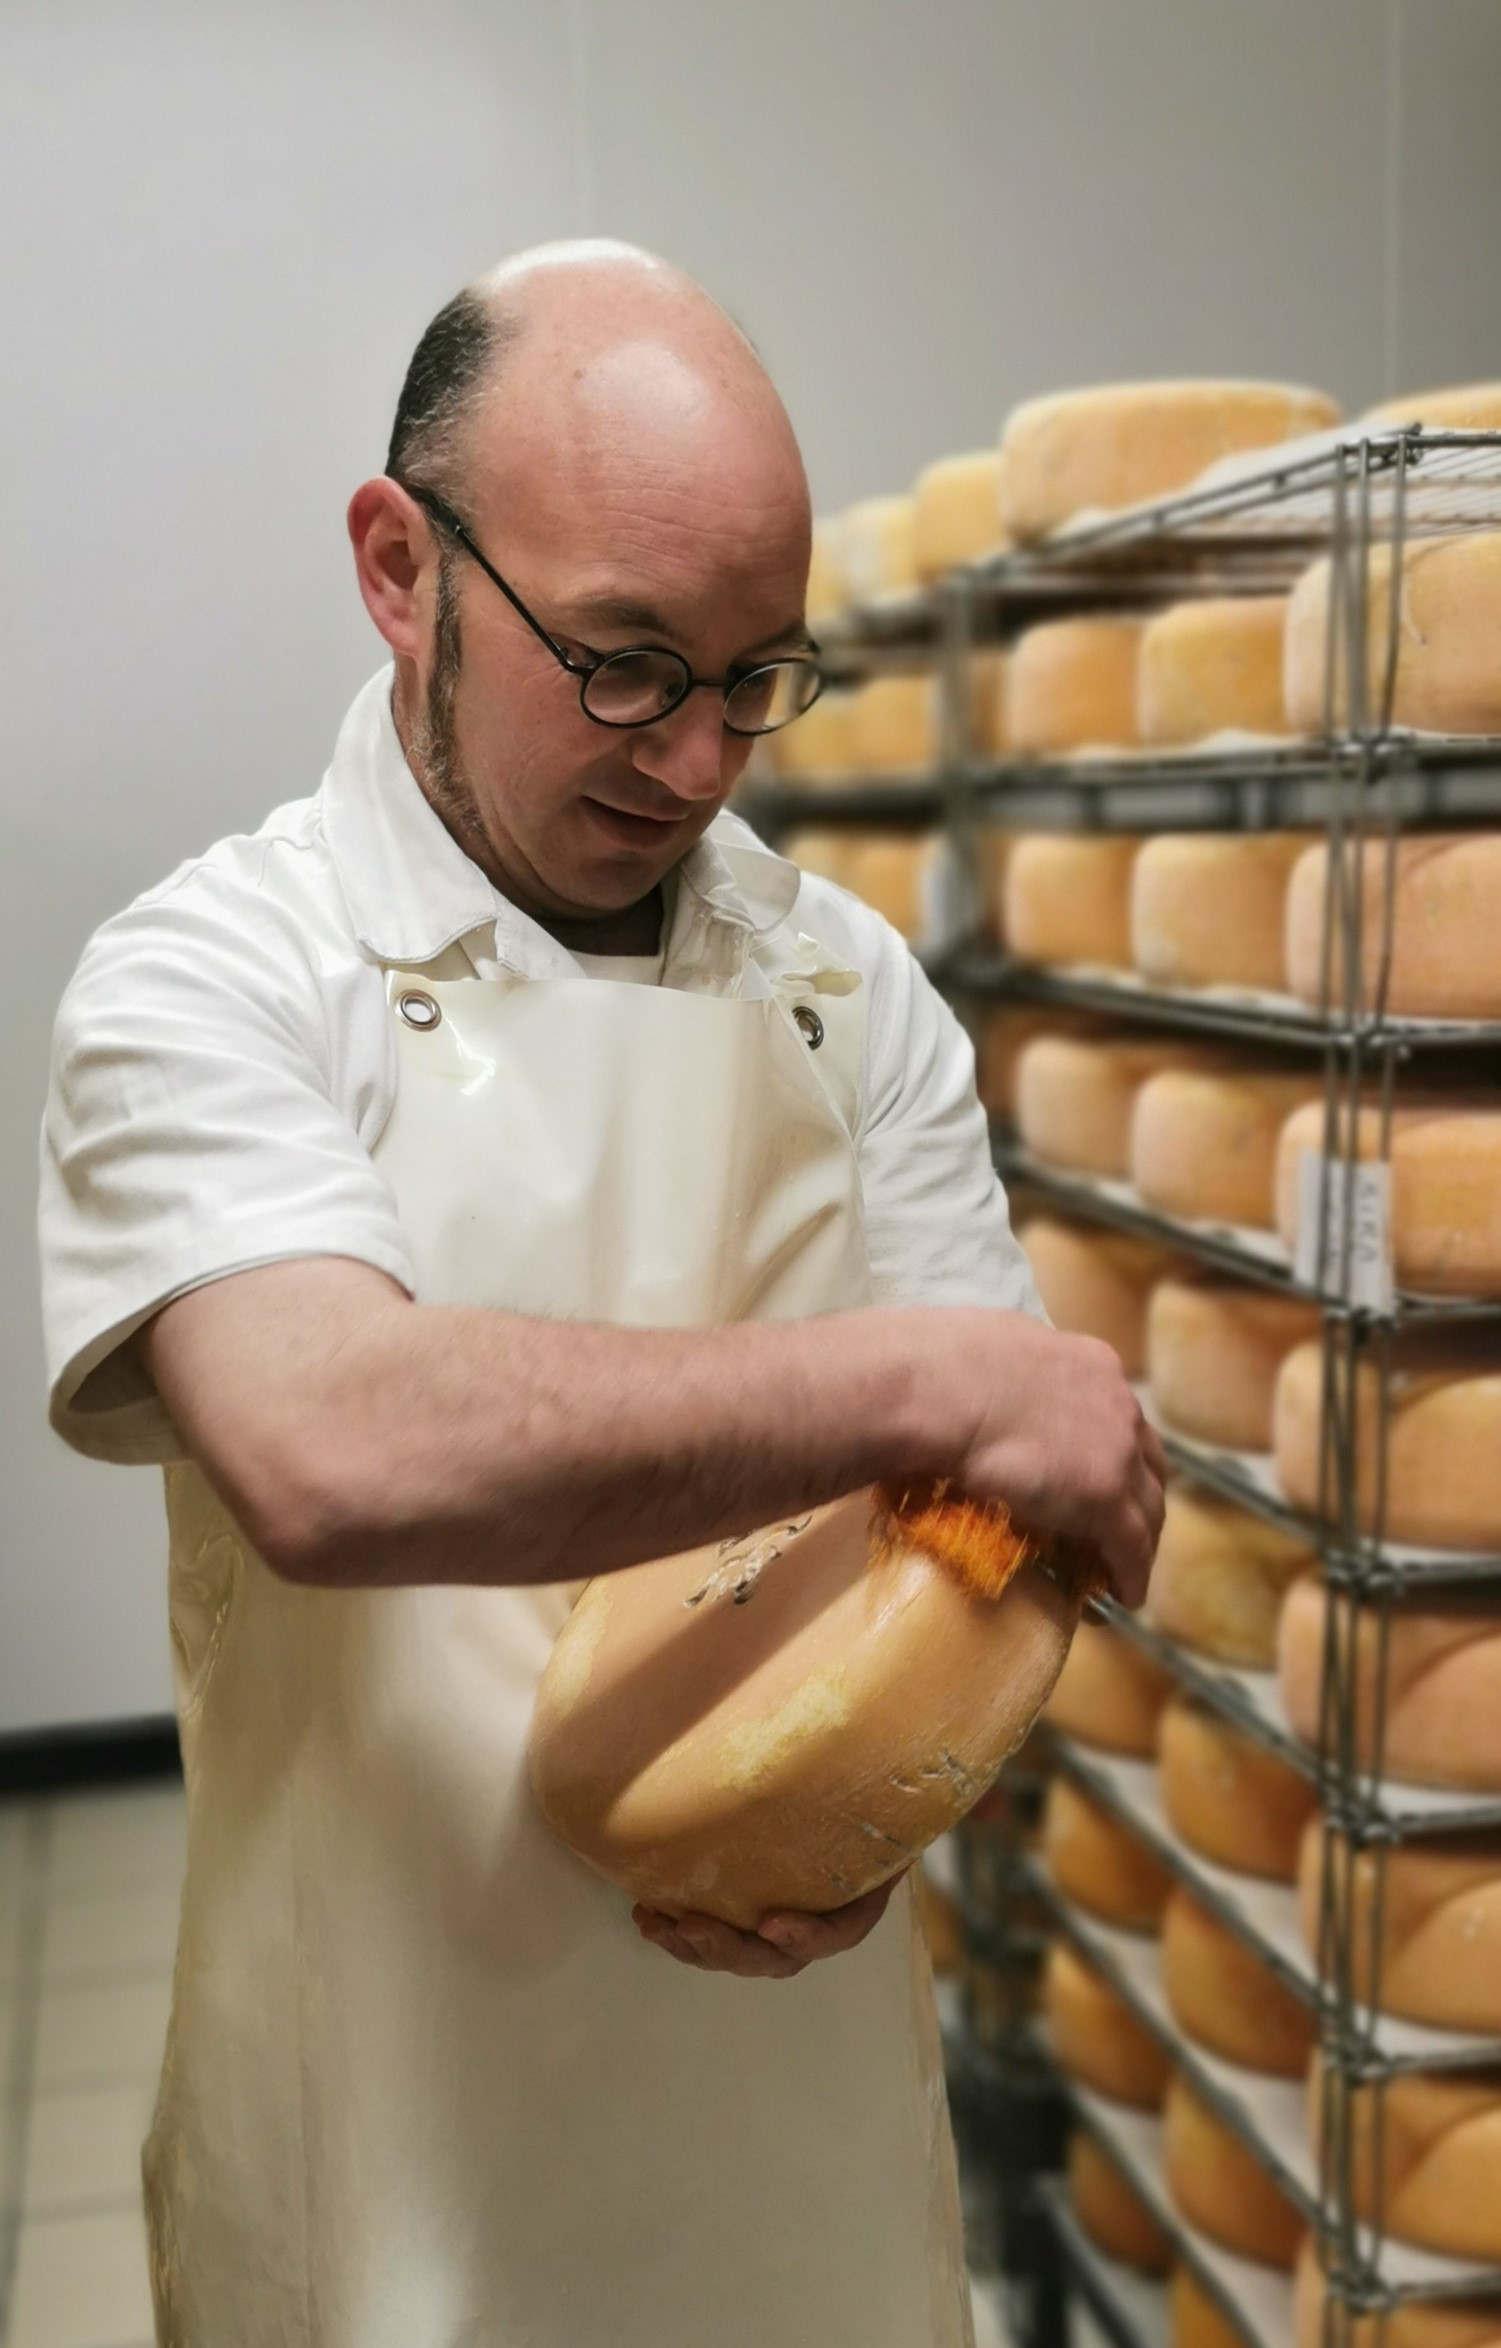 Le travail d'affinage des fromages.